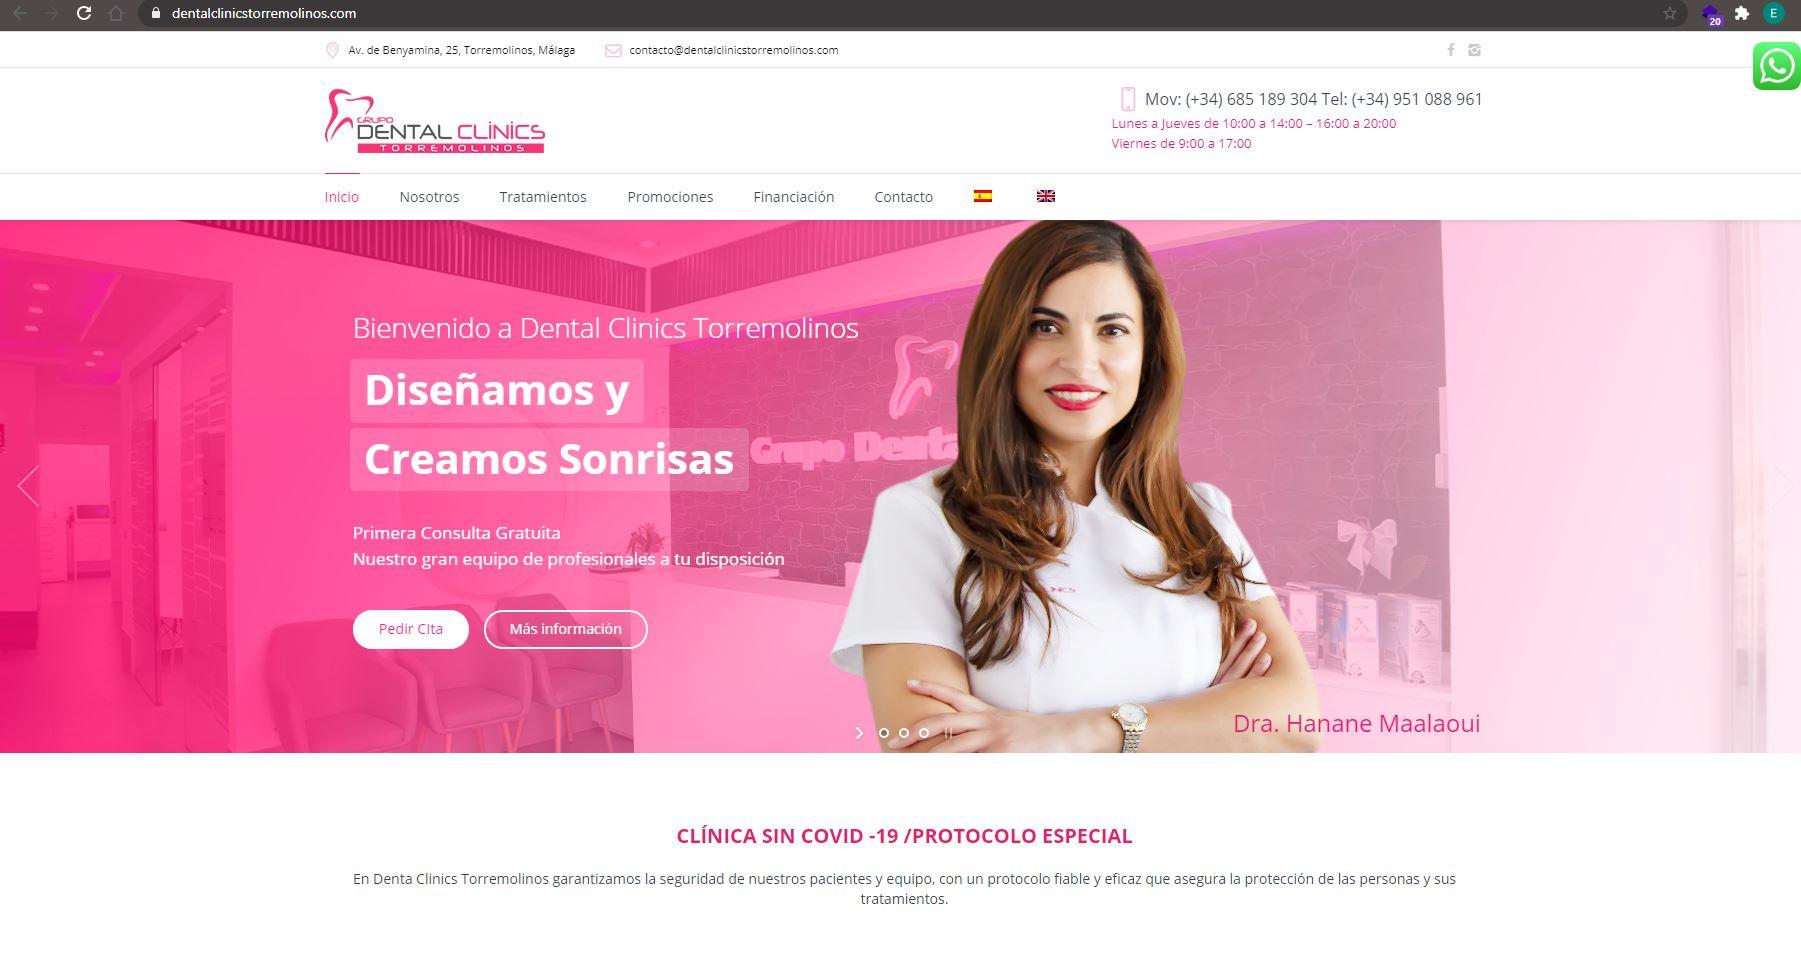 Dental Clinics Torremolinos